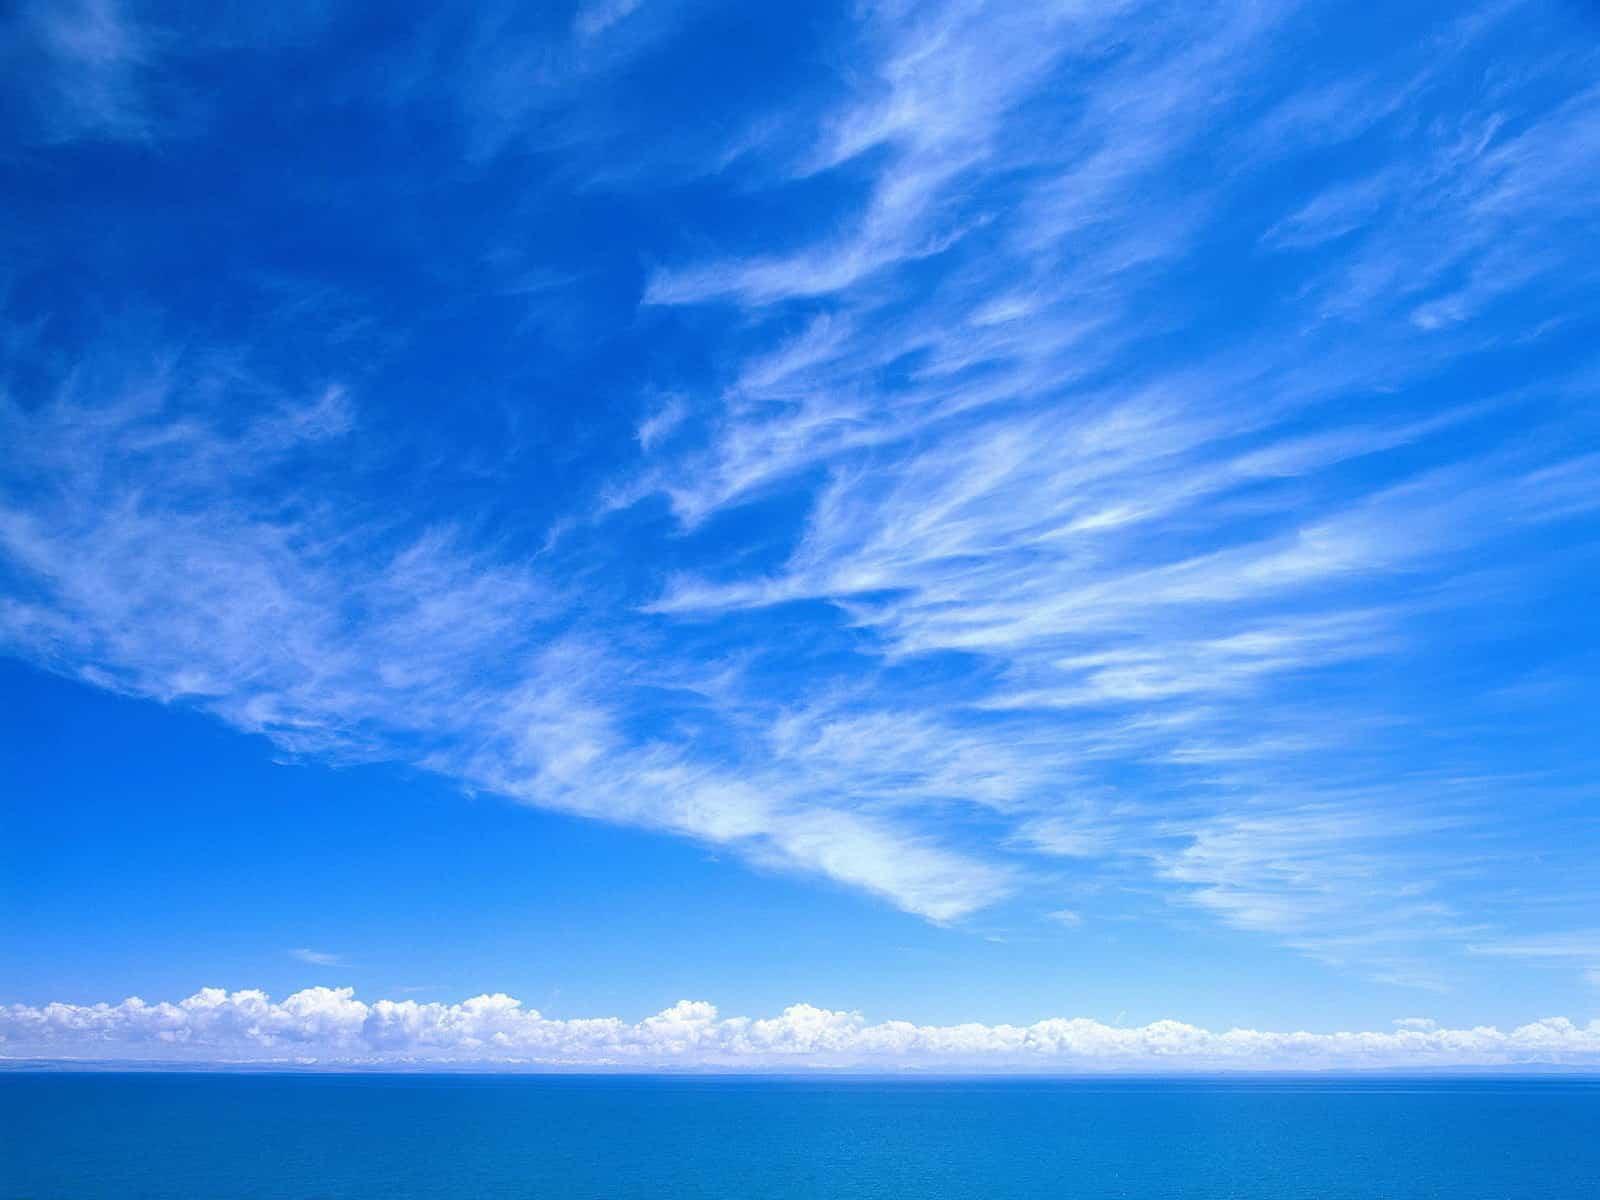 تفسير حلم السماء الصافية لابن سيرين